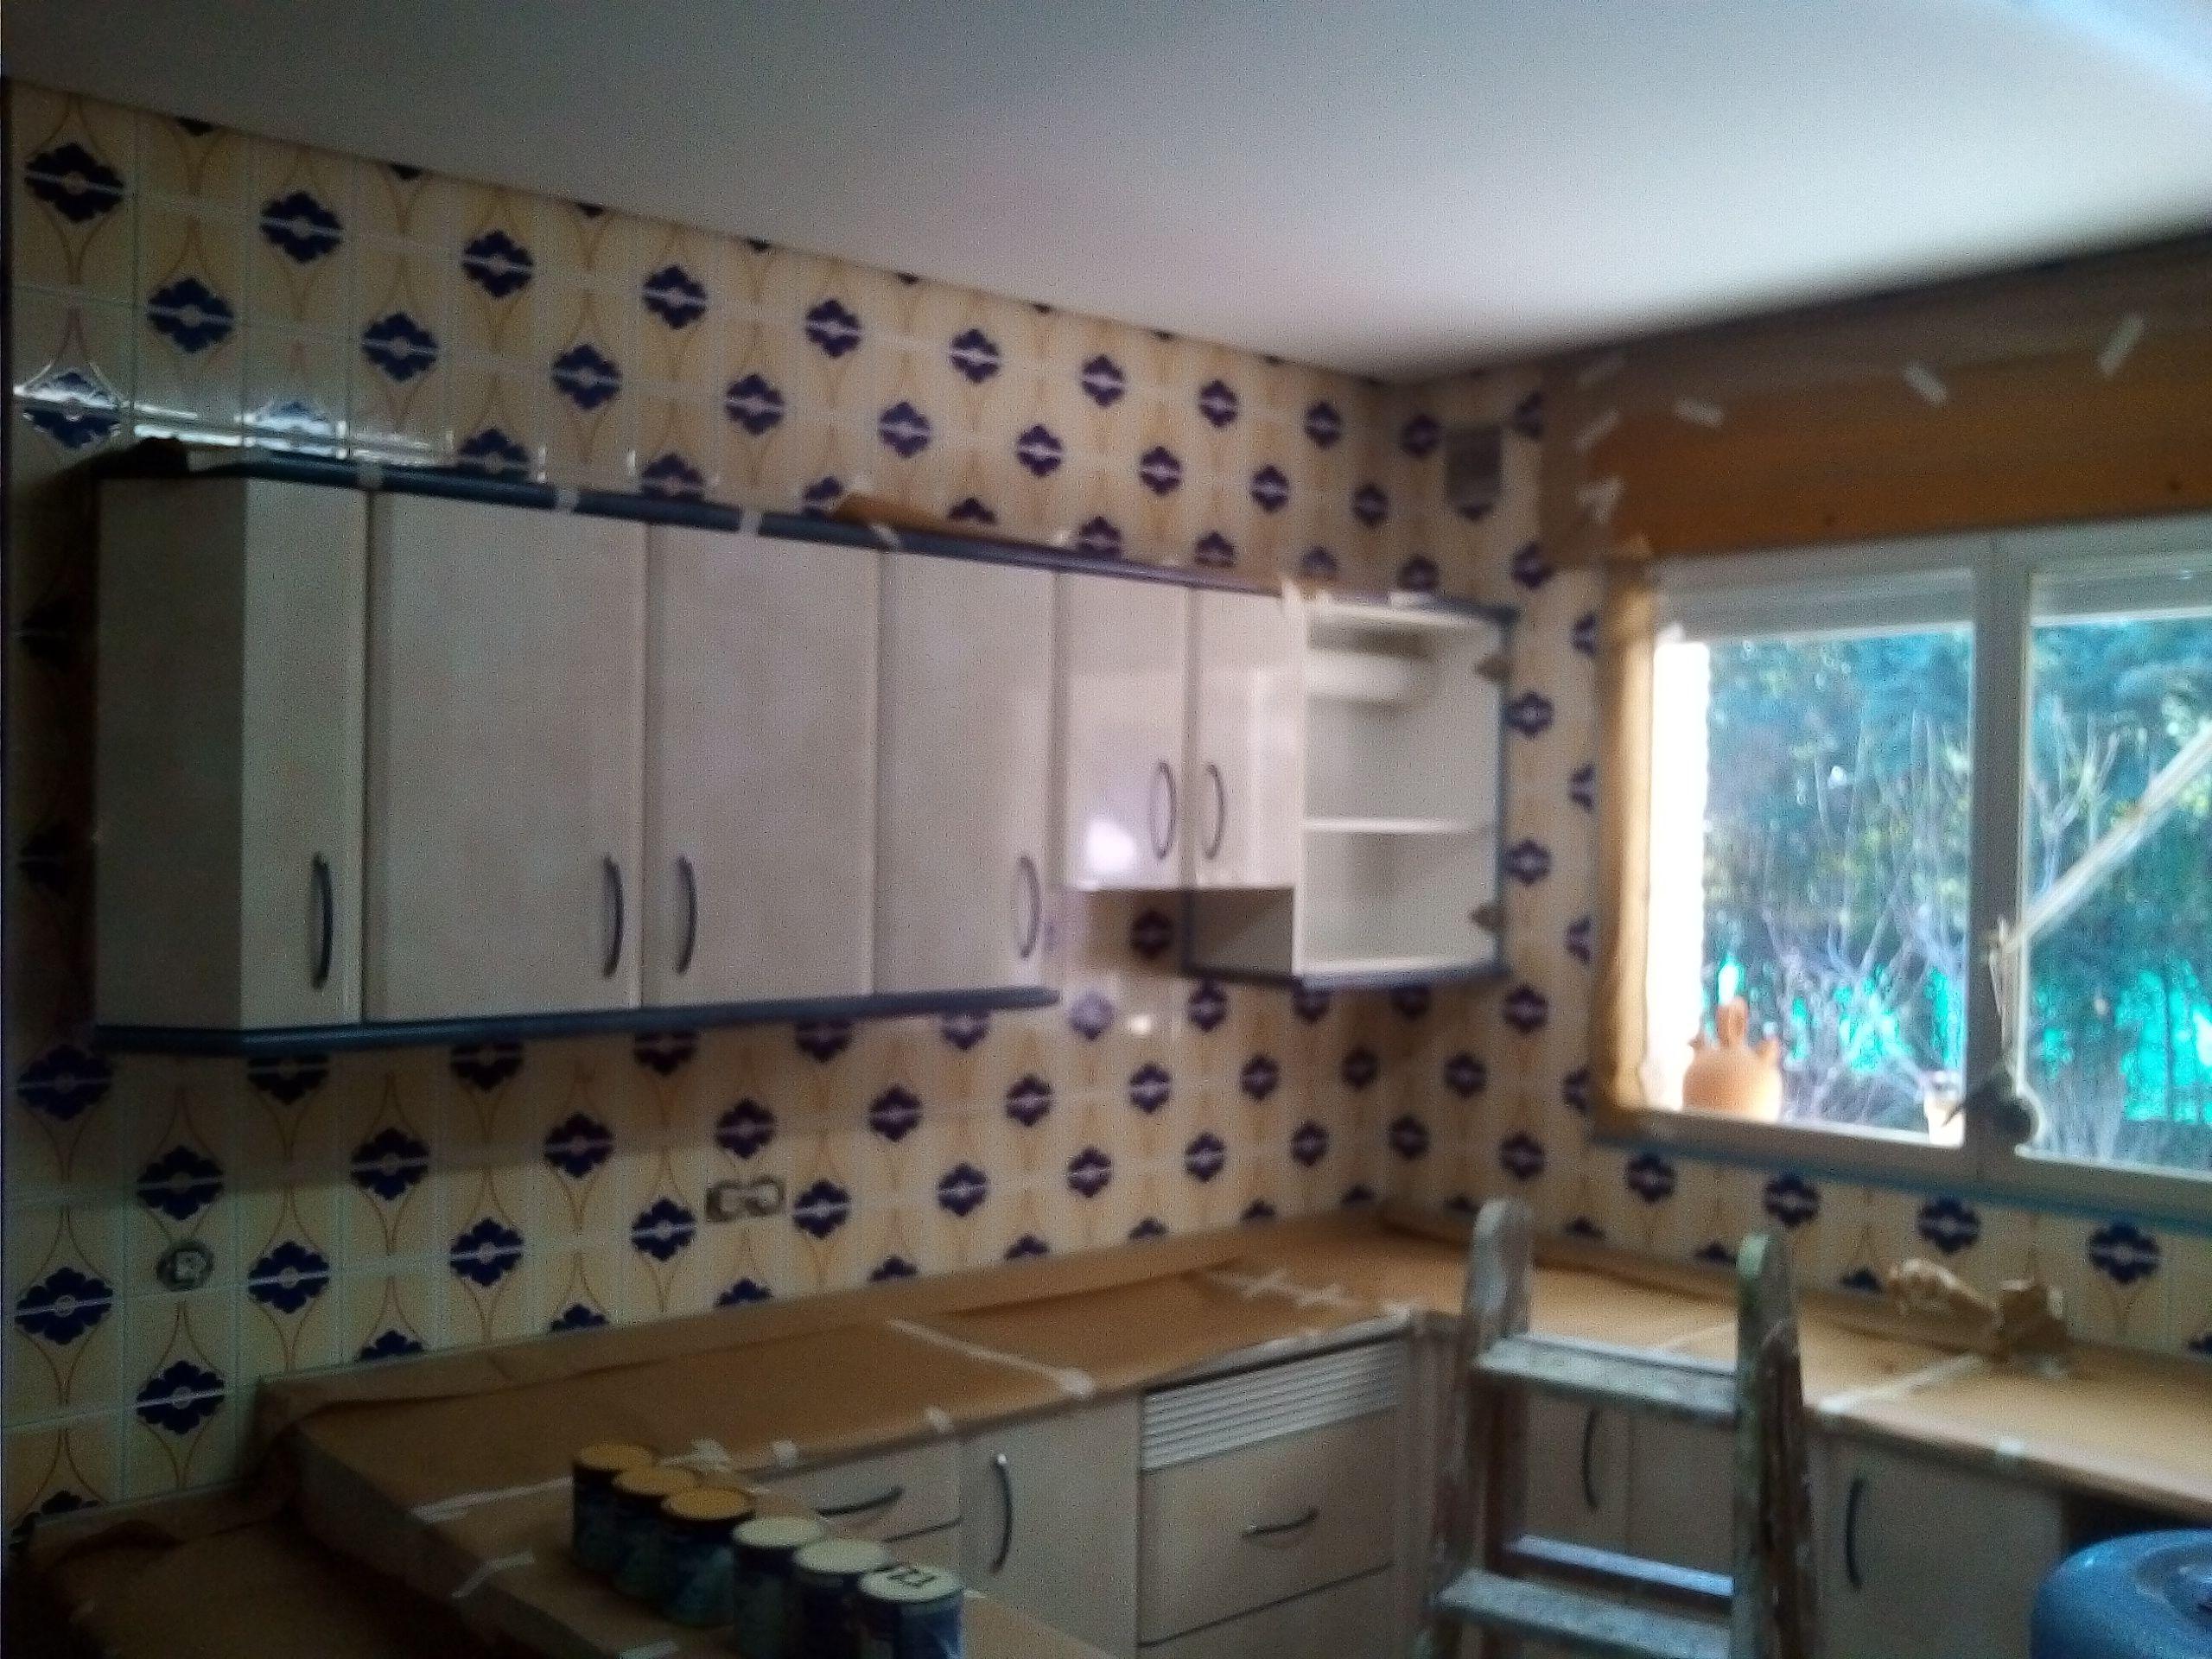 Pintado de azulejos de cocinas y ba os pintores en madrid pintor en madrid urbano - Cocinas con azulejos pintados ...